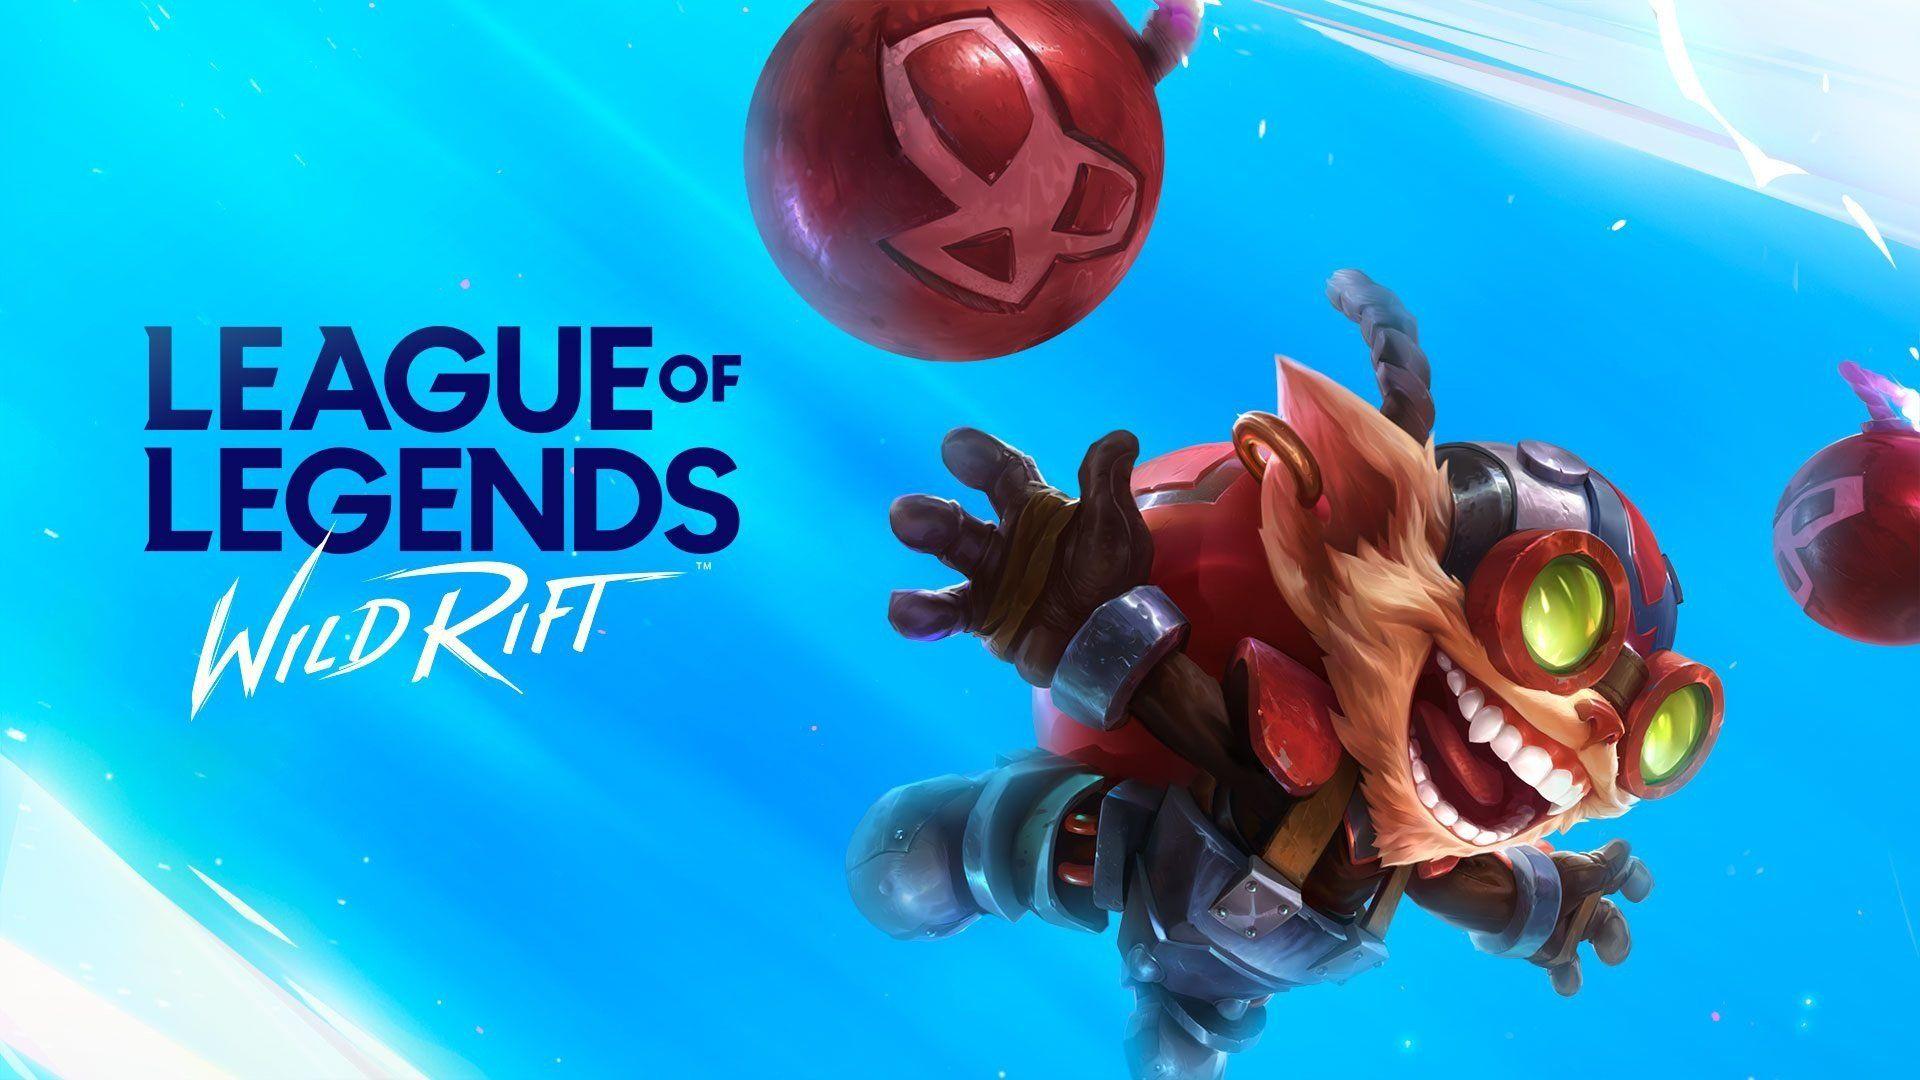 Nasus Wild Rift Wallpaper Hd League Of Legends Cards League Of Legends Play League Of Legends